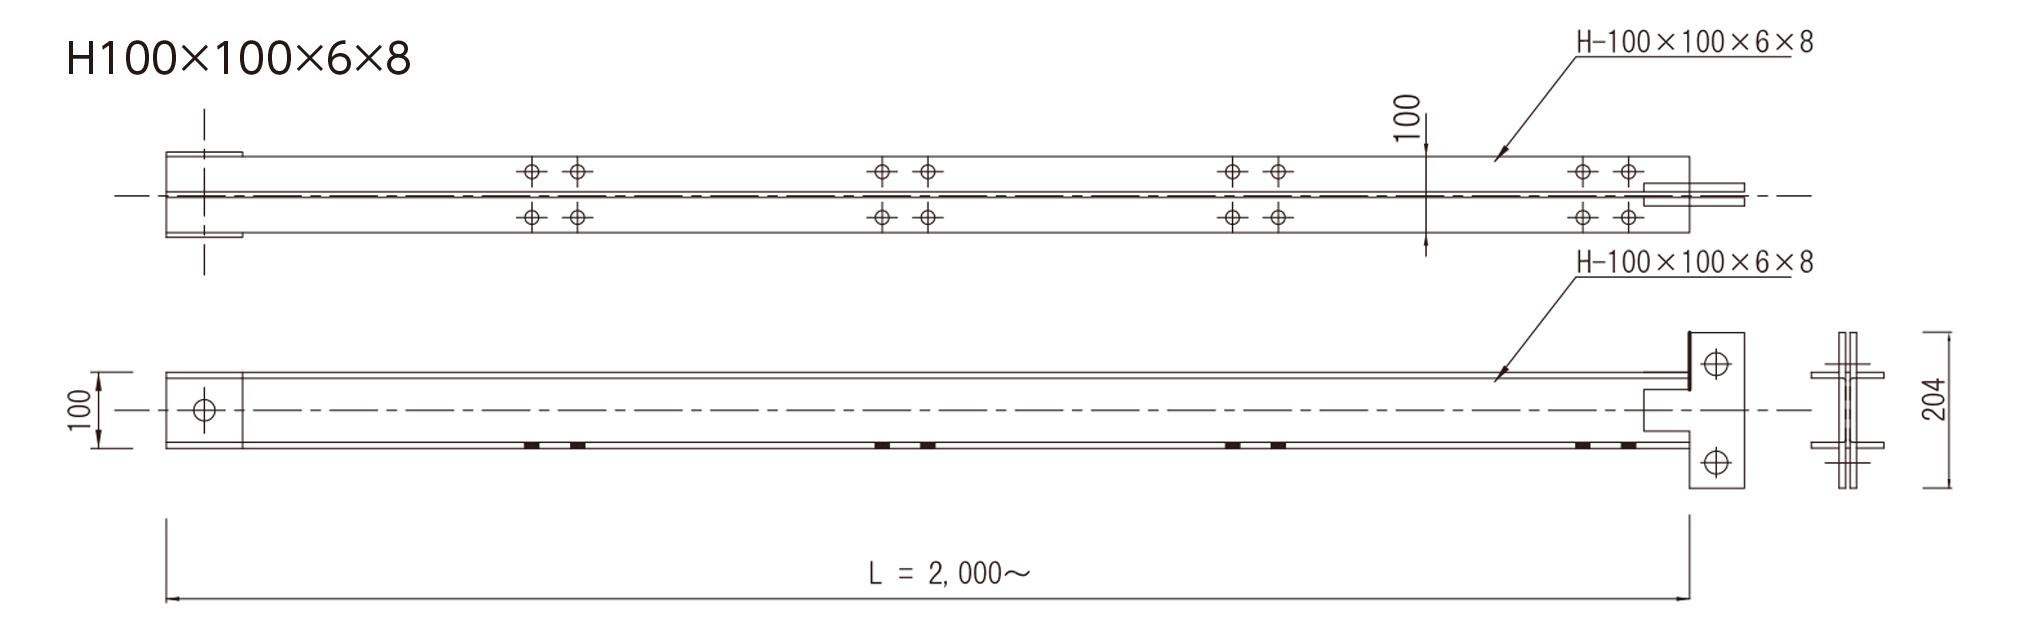 キャフロン支柱(TYPE-1)